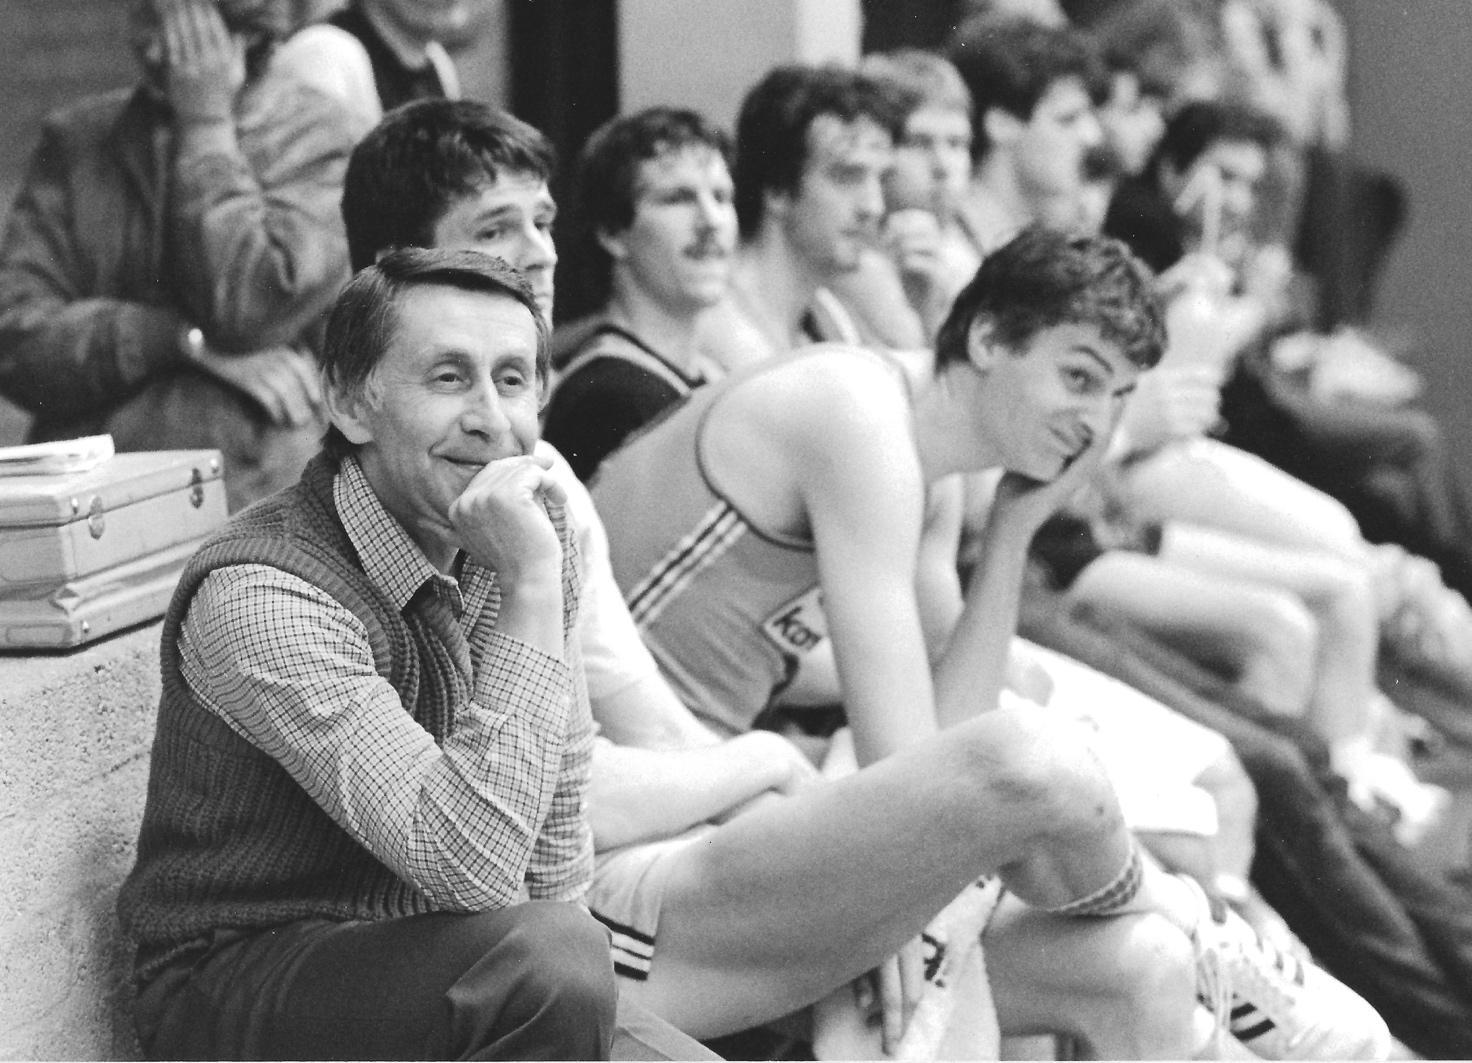 'Oom Vladi was een lichtend voorbeeld van een veel te aardig mens in een veel te harde maatschappij.' Mart Smeets over Vladimir Heger (1932-2021), die zo veel betekende voor het Nederlandse basketbal